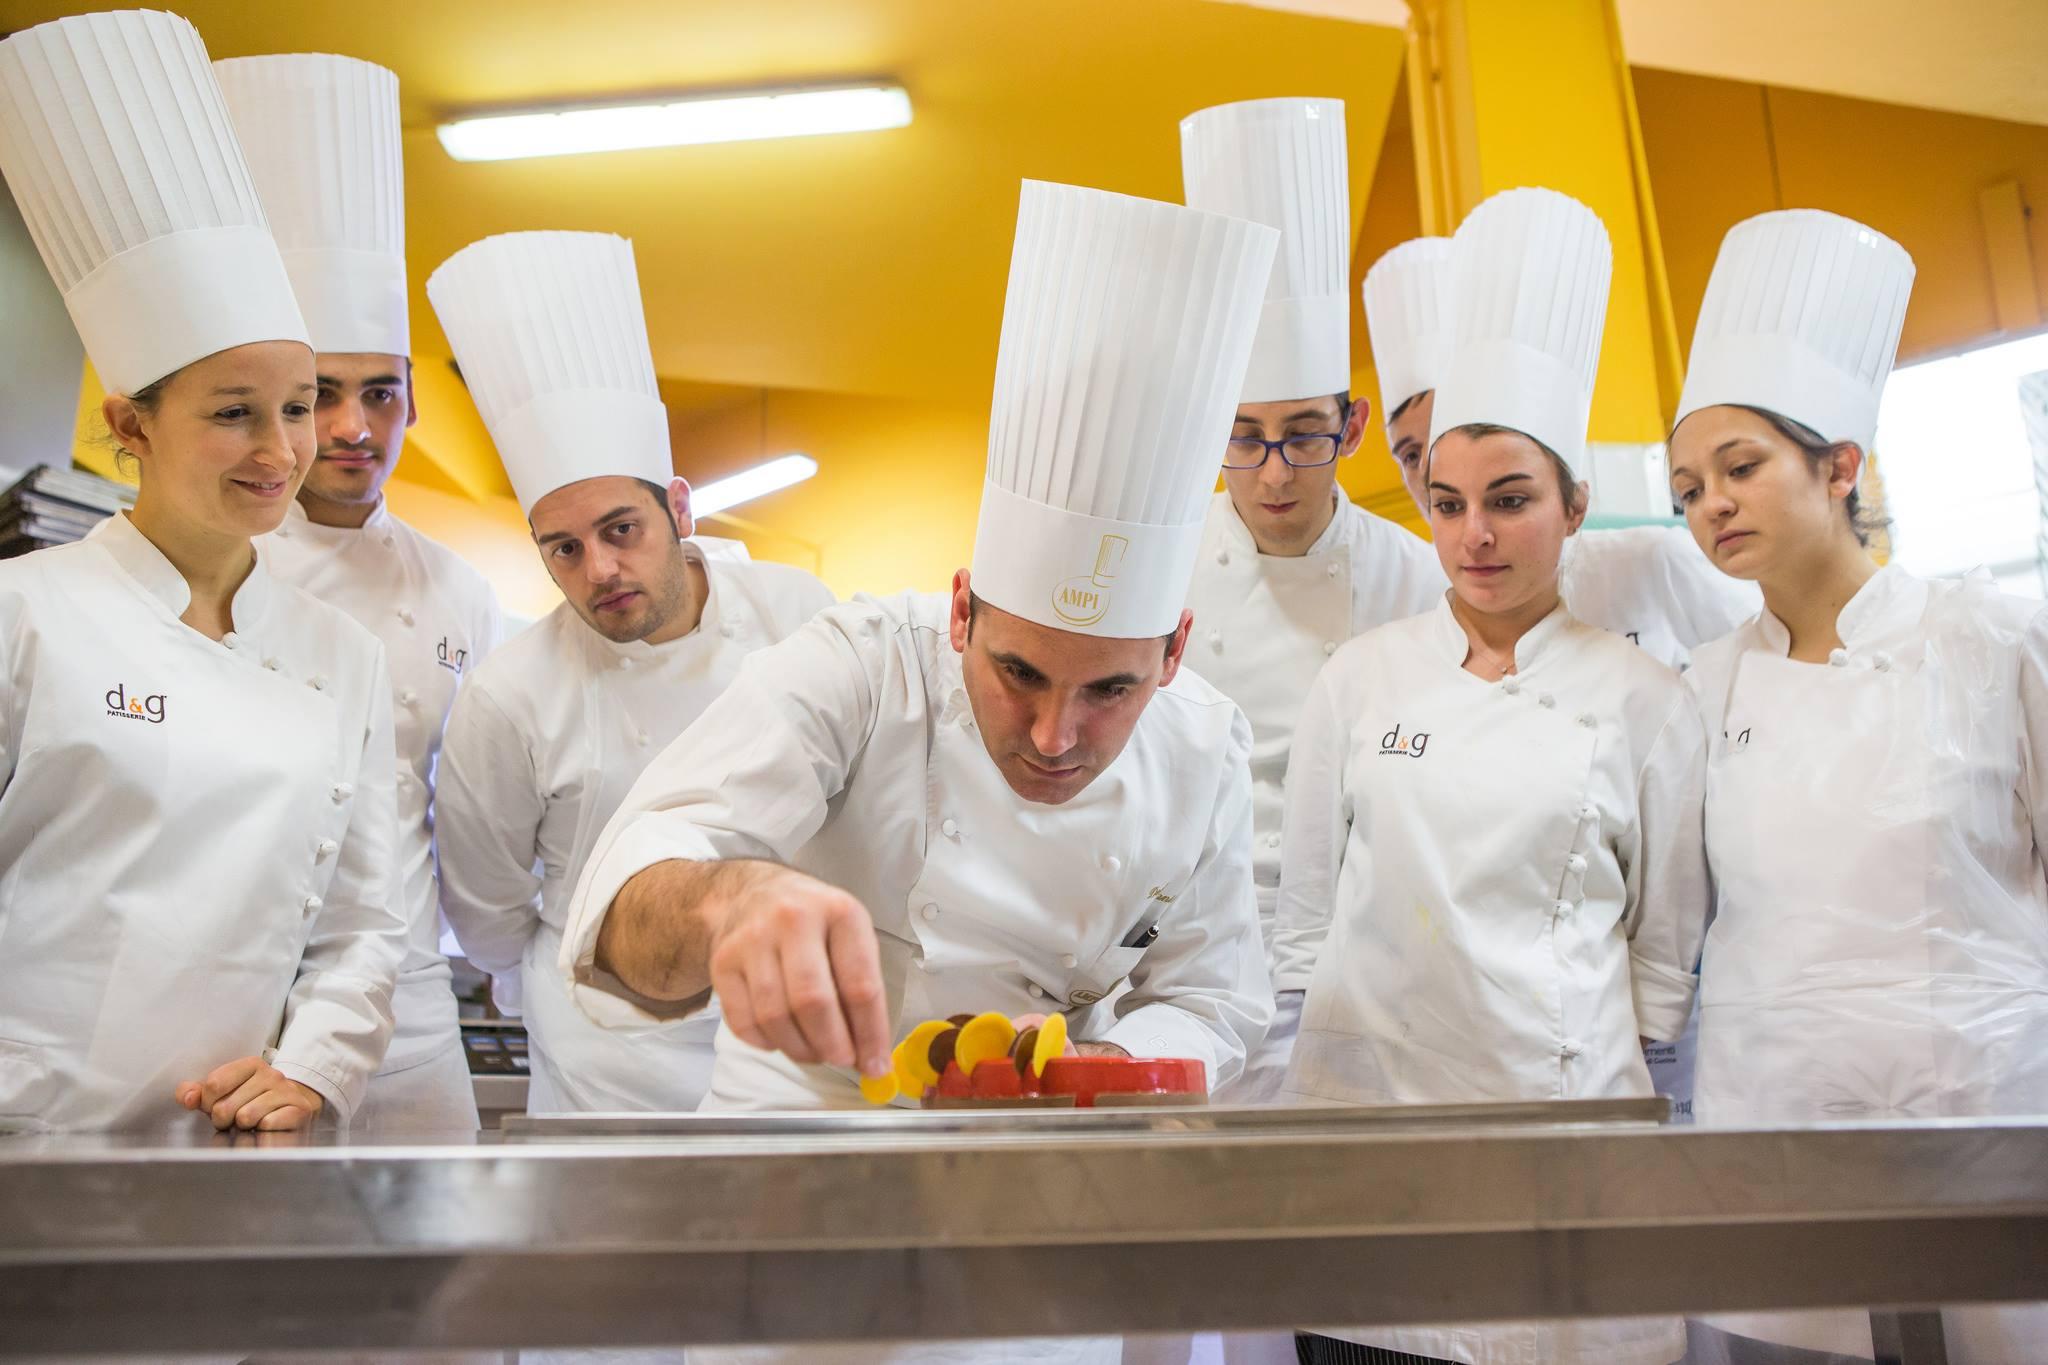 Sweety of milano i grandi pasticcieri invadono la citt - Alta cucina ricette segrete dei grandi ristoranti d italia ...